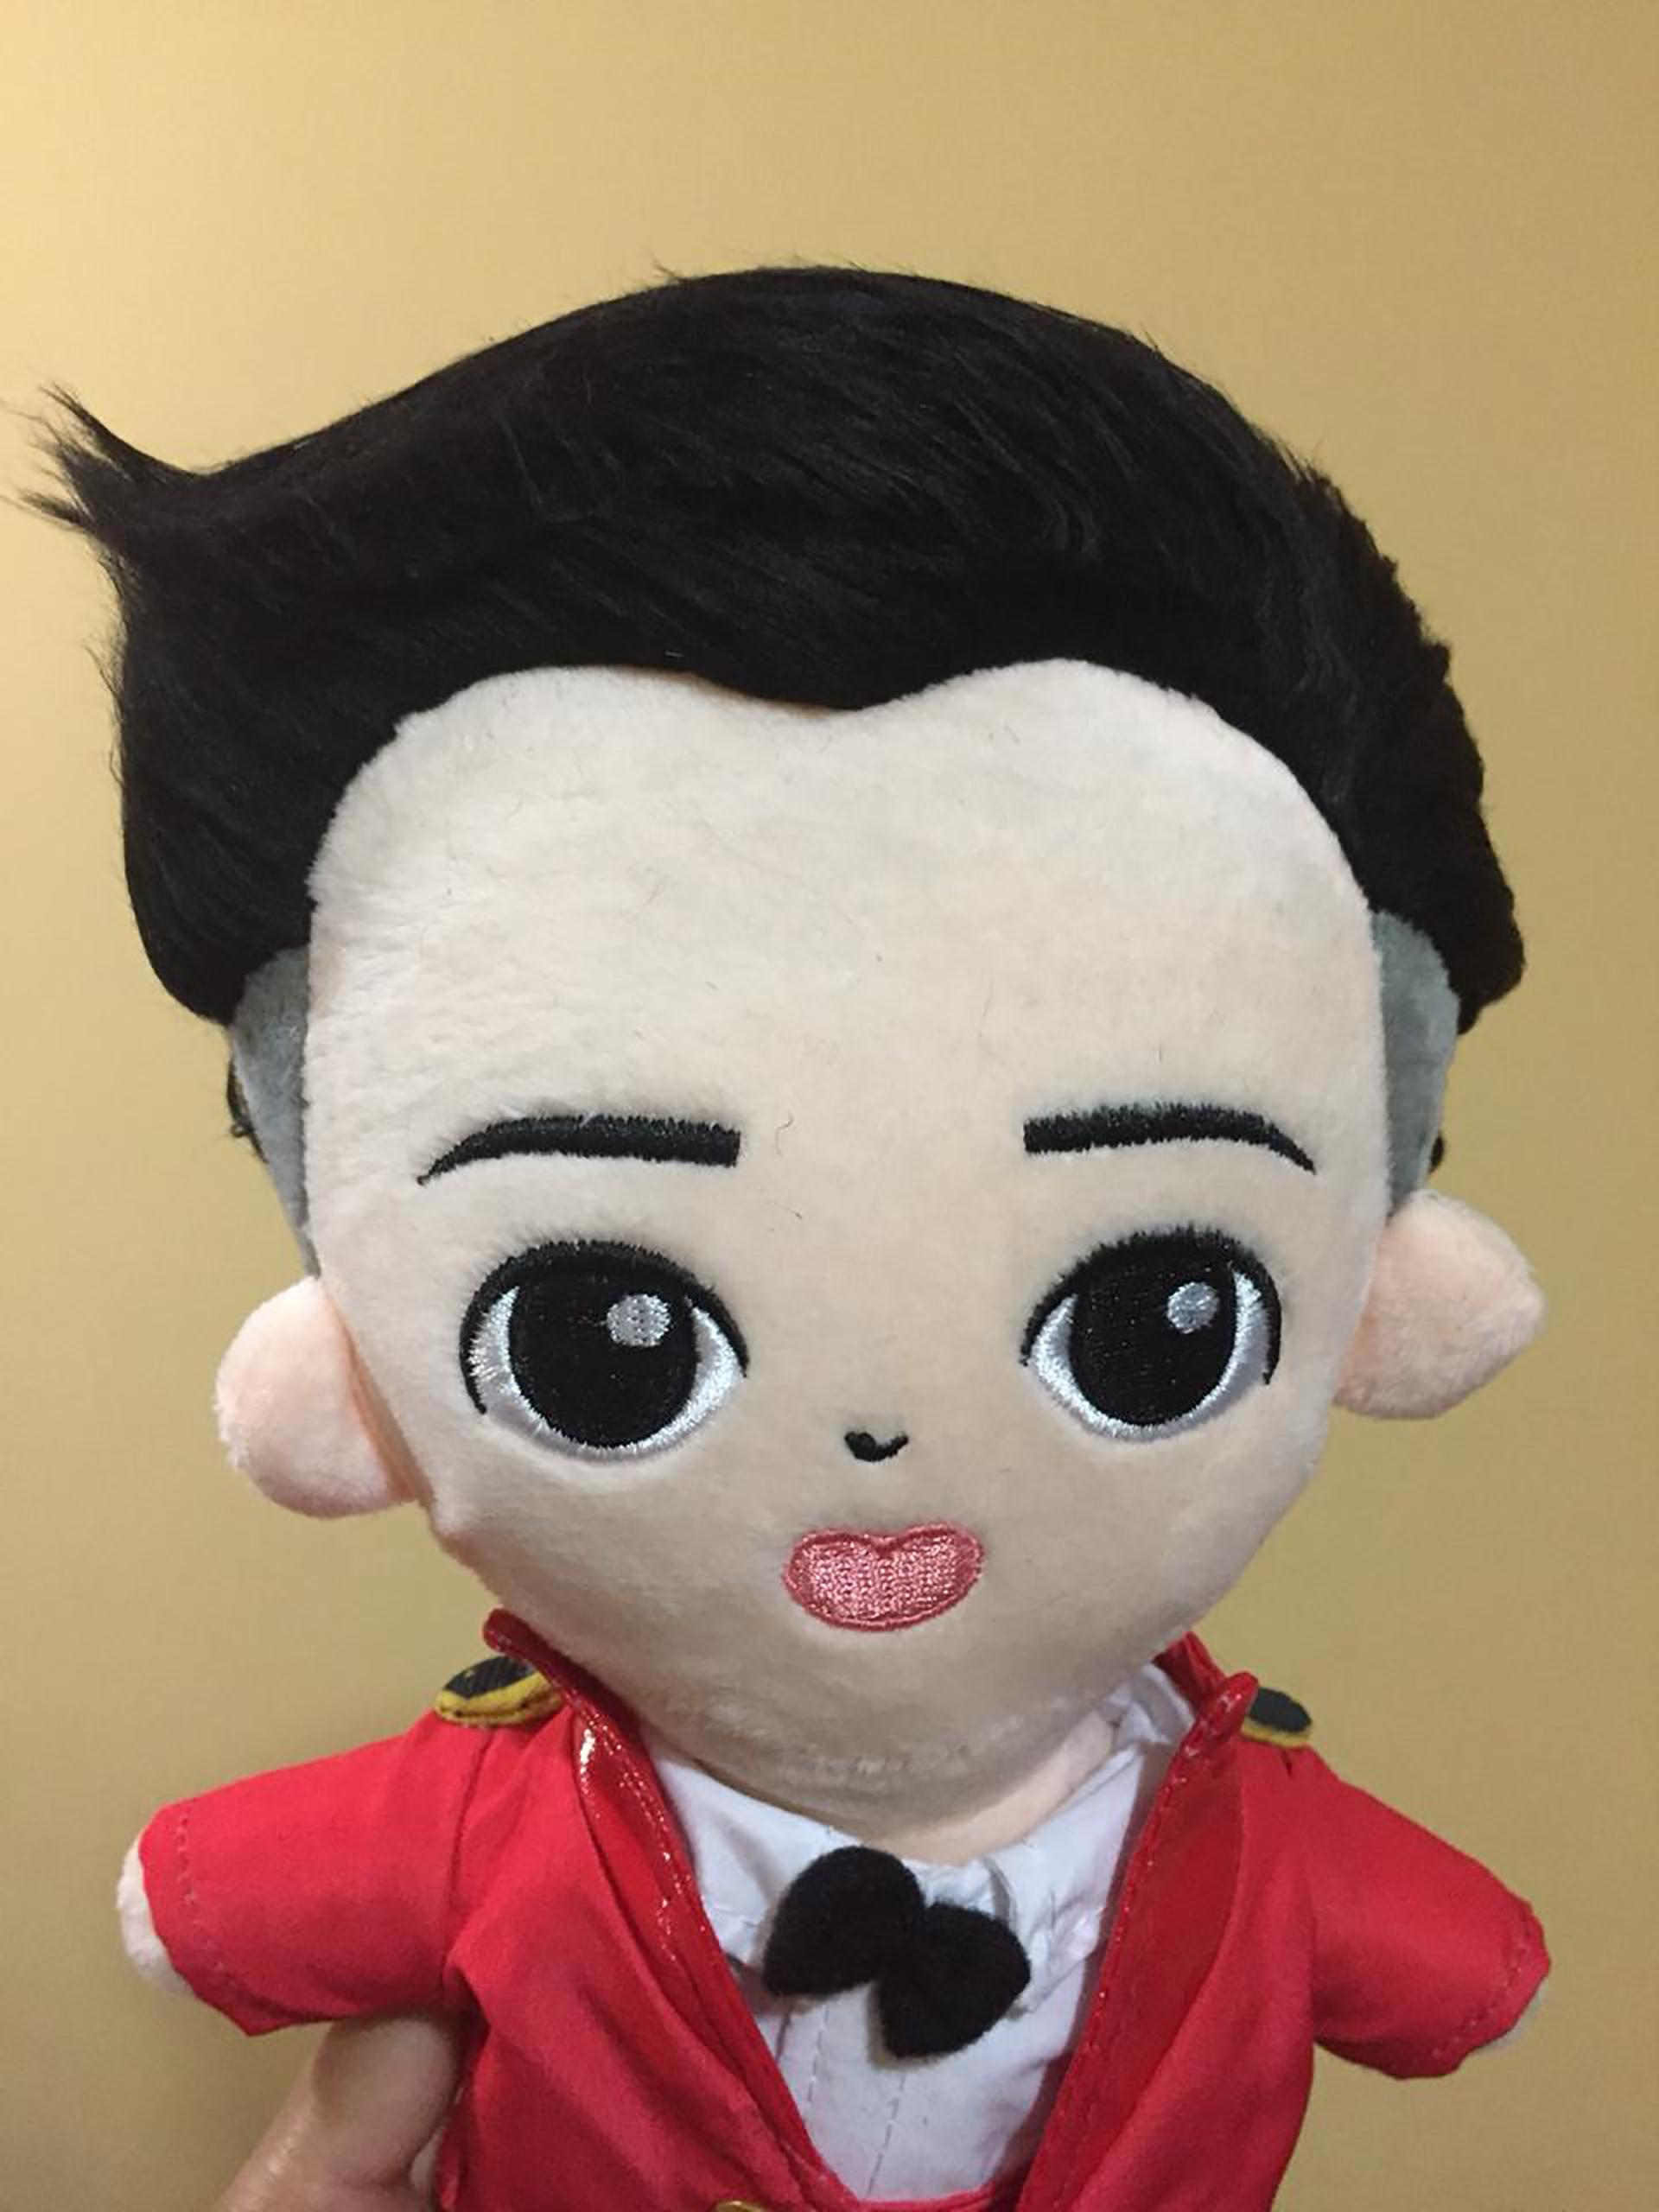 Con el envío desde Corea, un muñeco de algún integrante de cualquier banda puede costar el doble, pero a las fans no les importa pagar el precio que sea